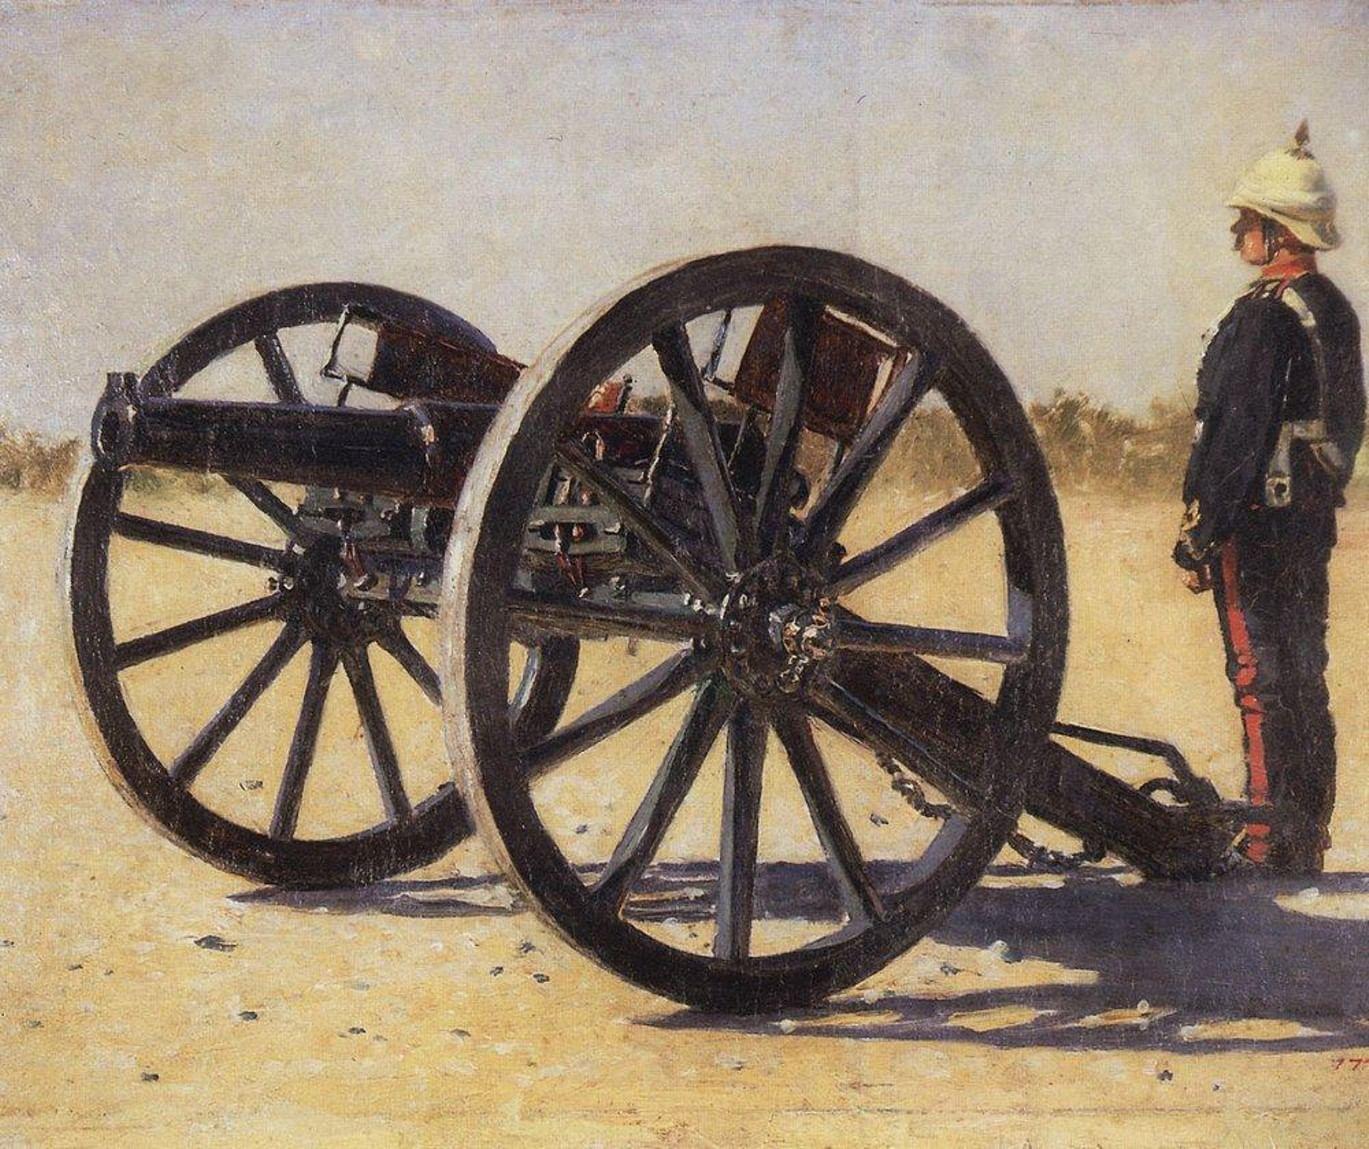 Пушки и русское искусство. Галерея 6. Британская жестокость